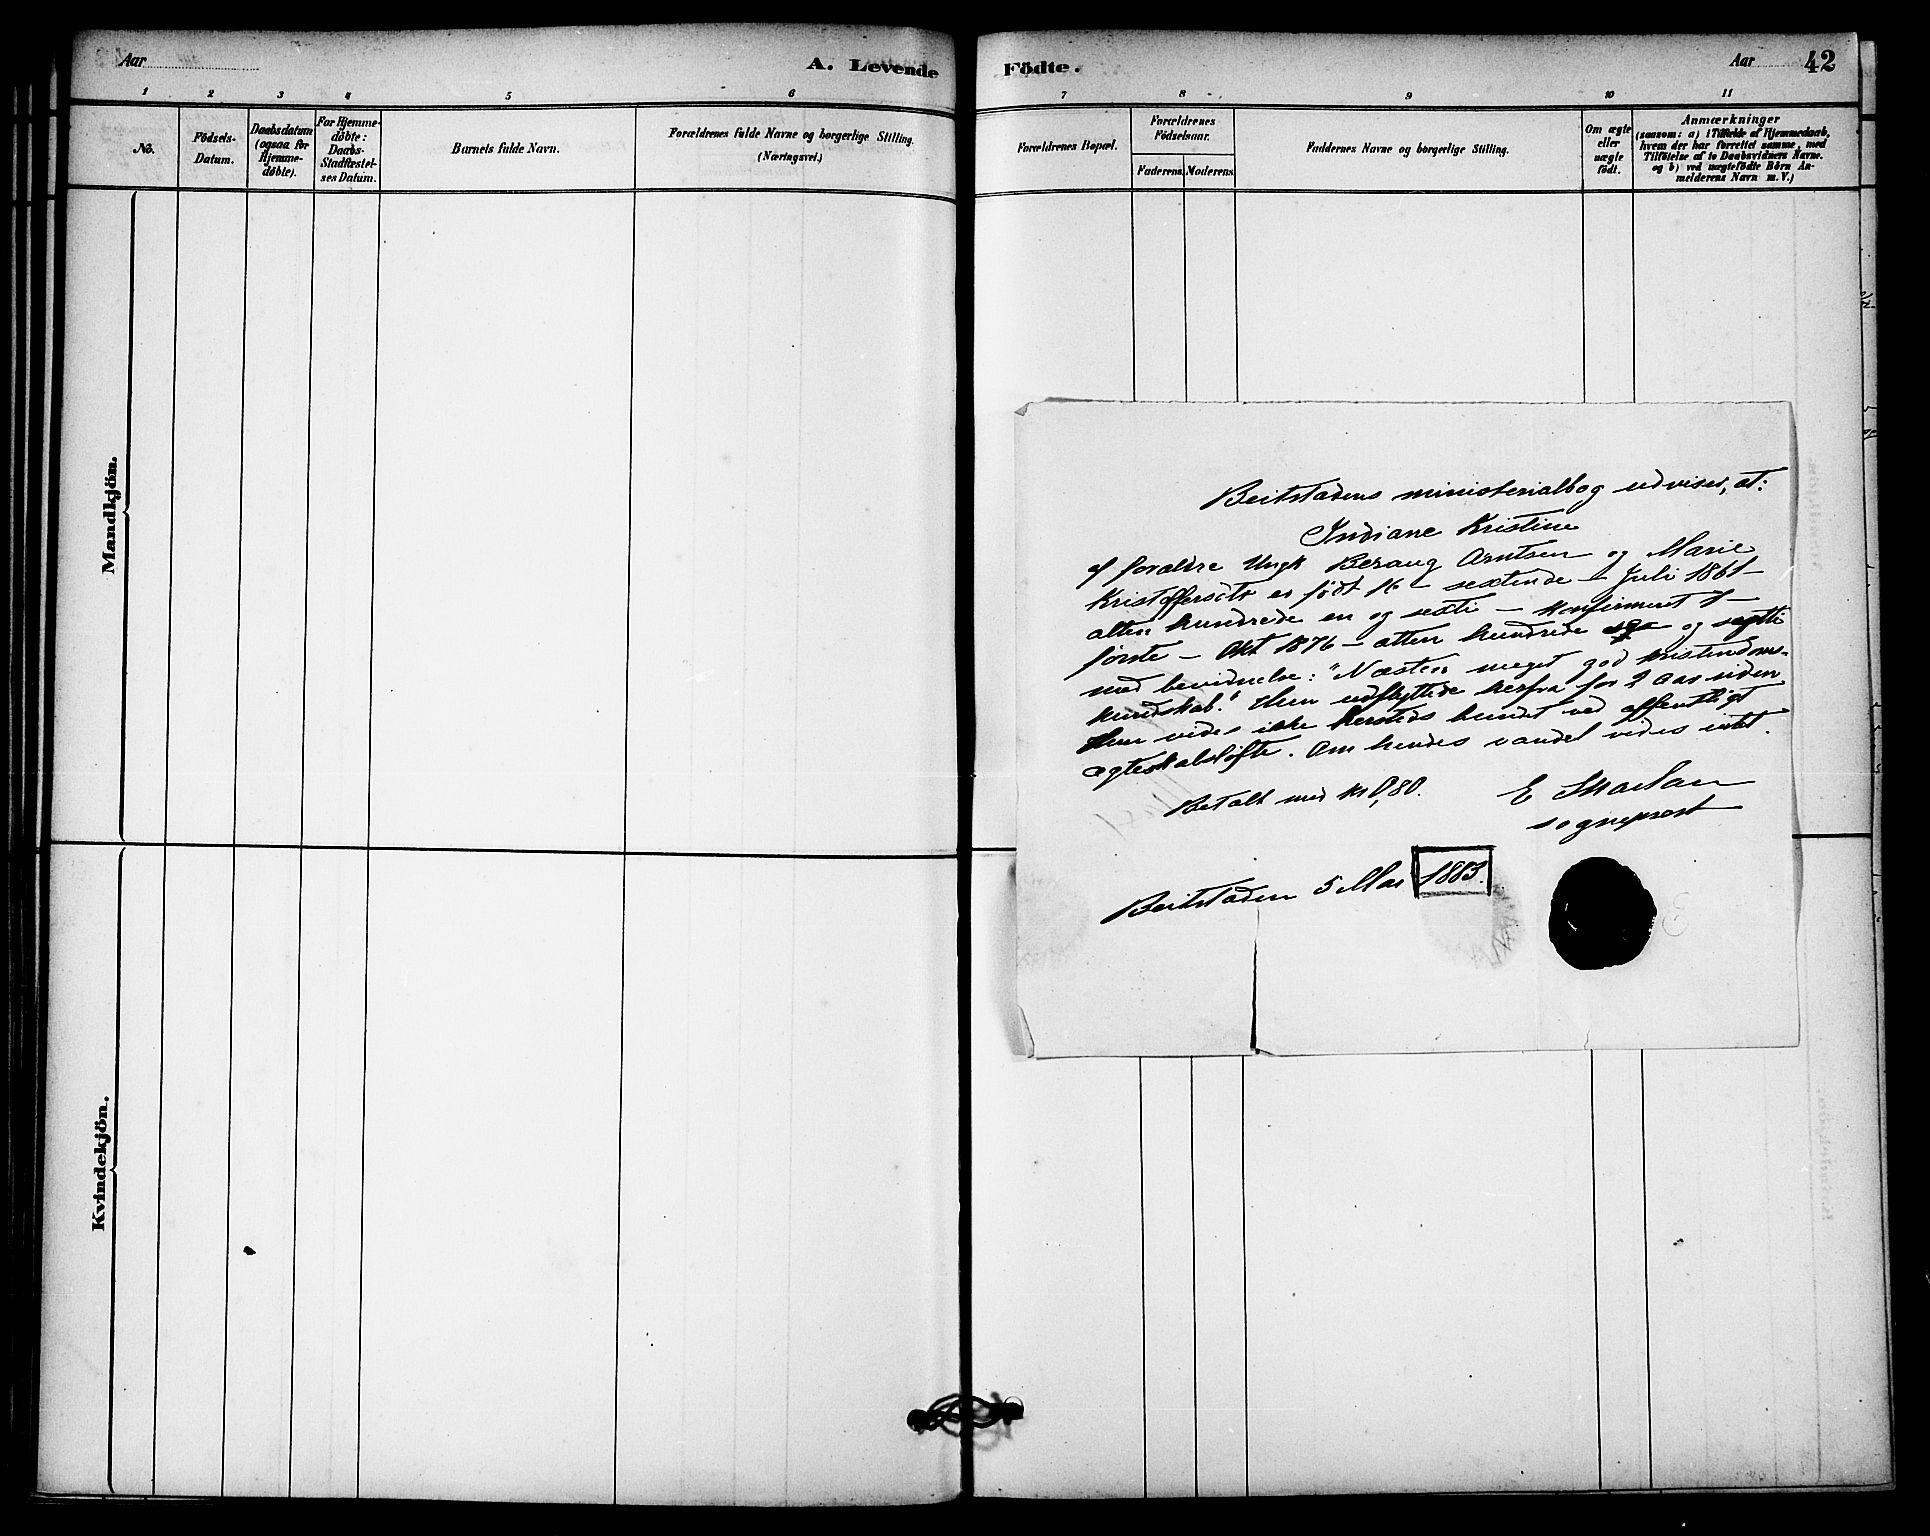 SAT, Ministerialprotokoller, klokkerbøker og fødselsregistre - Nord-Trøndelag, 740/L0378: Ministerialbok nr. 740A01, 1881-1895, s. 32